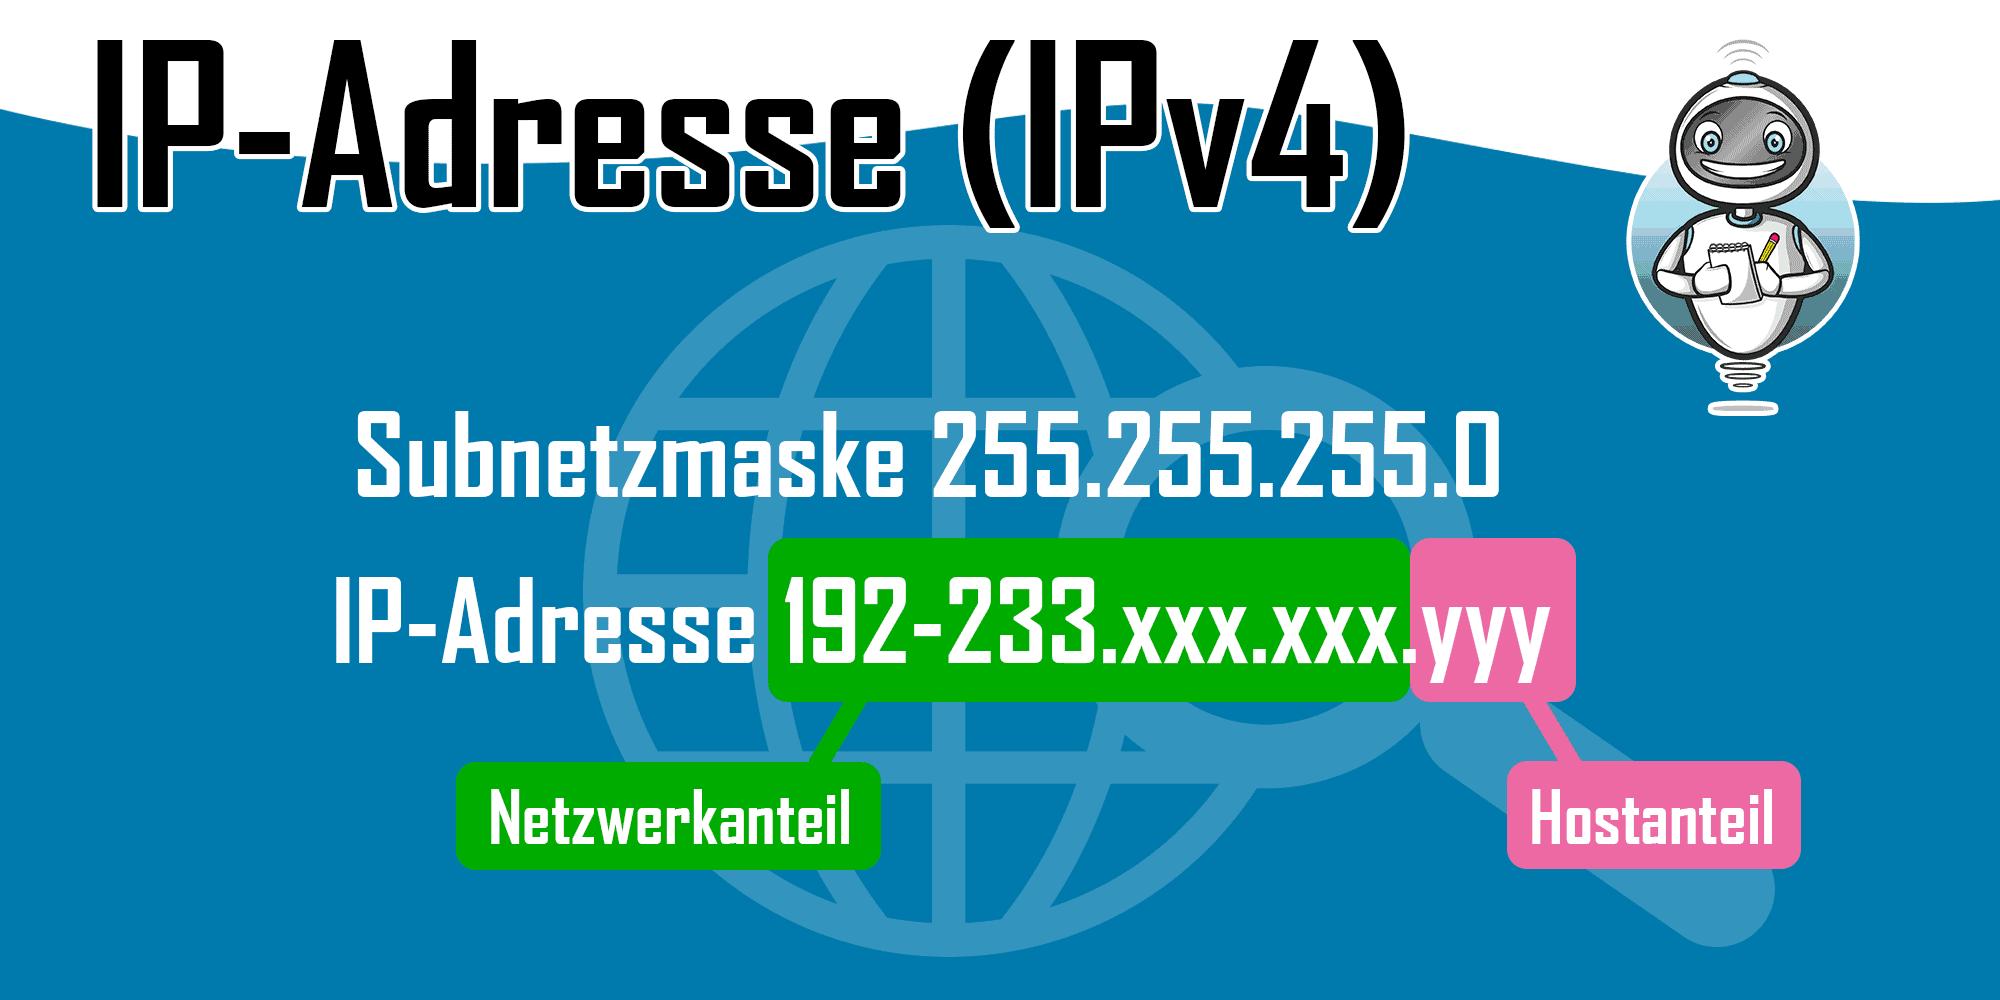 Ip Adresse Von Kinox.To